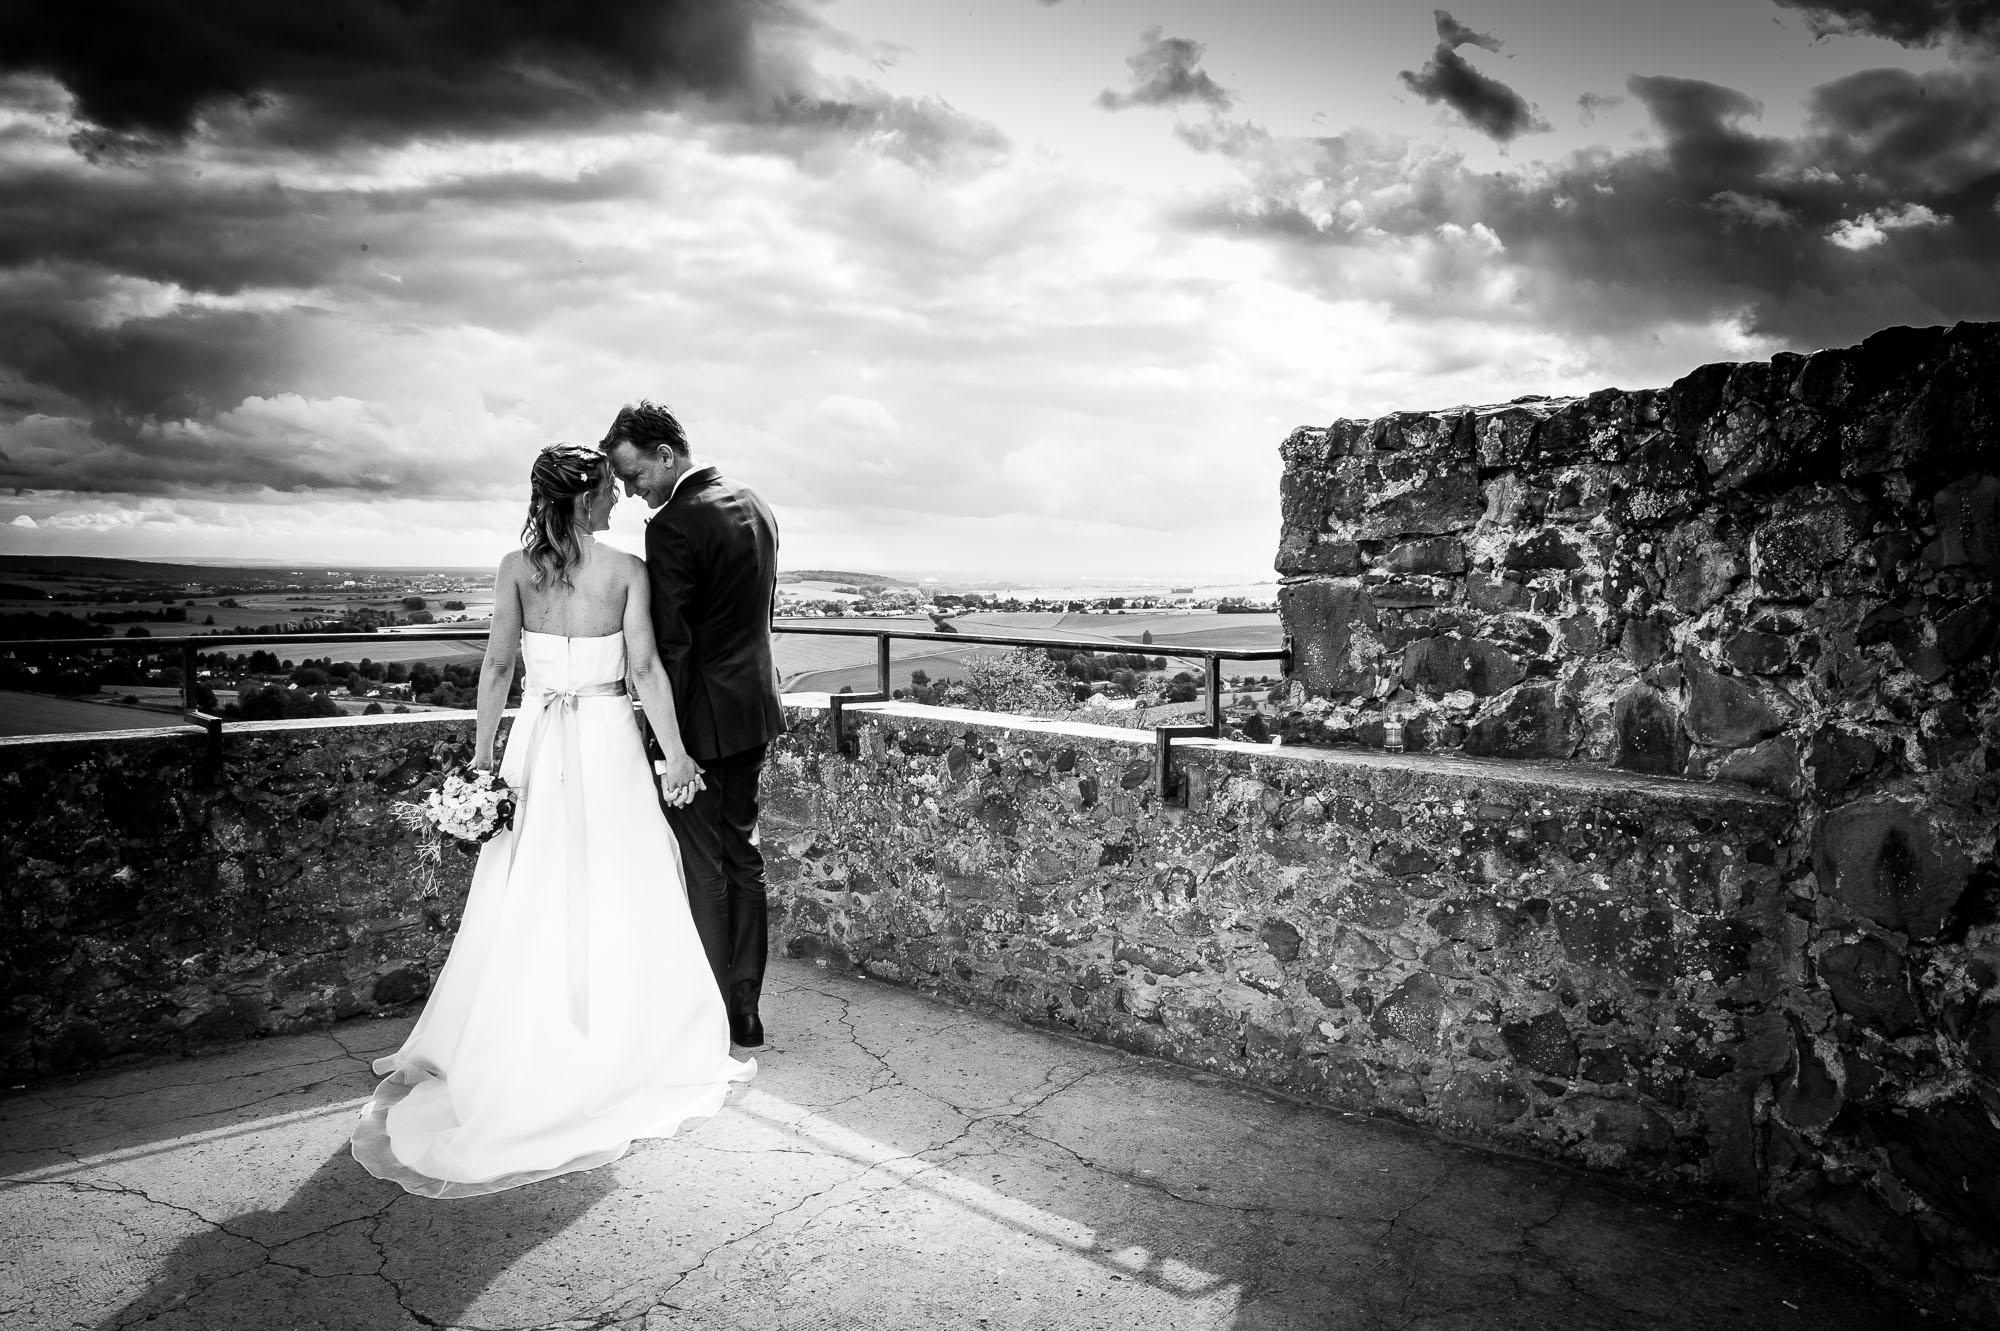 Hochzeit B2000  226660 236 - Strickroth & Fiege Fotografie